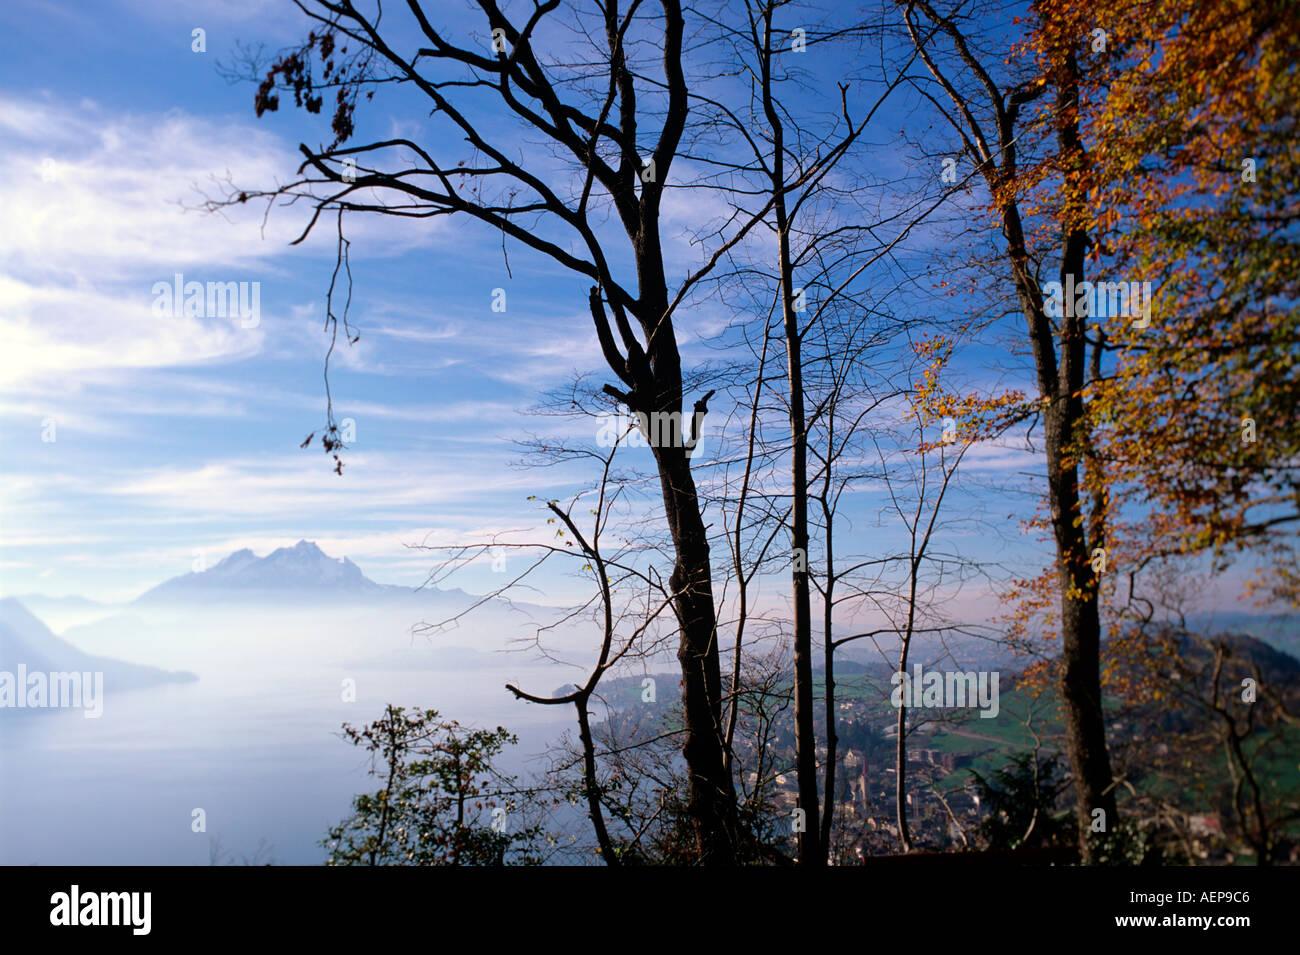 village of weggis and mount pilatus lake lucerne swiss alpes canton of lucerne switzerland - Stock Image